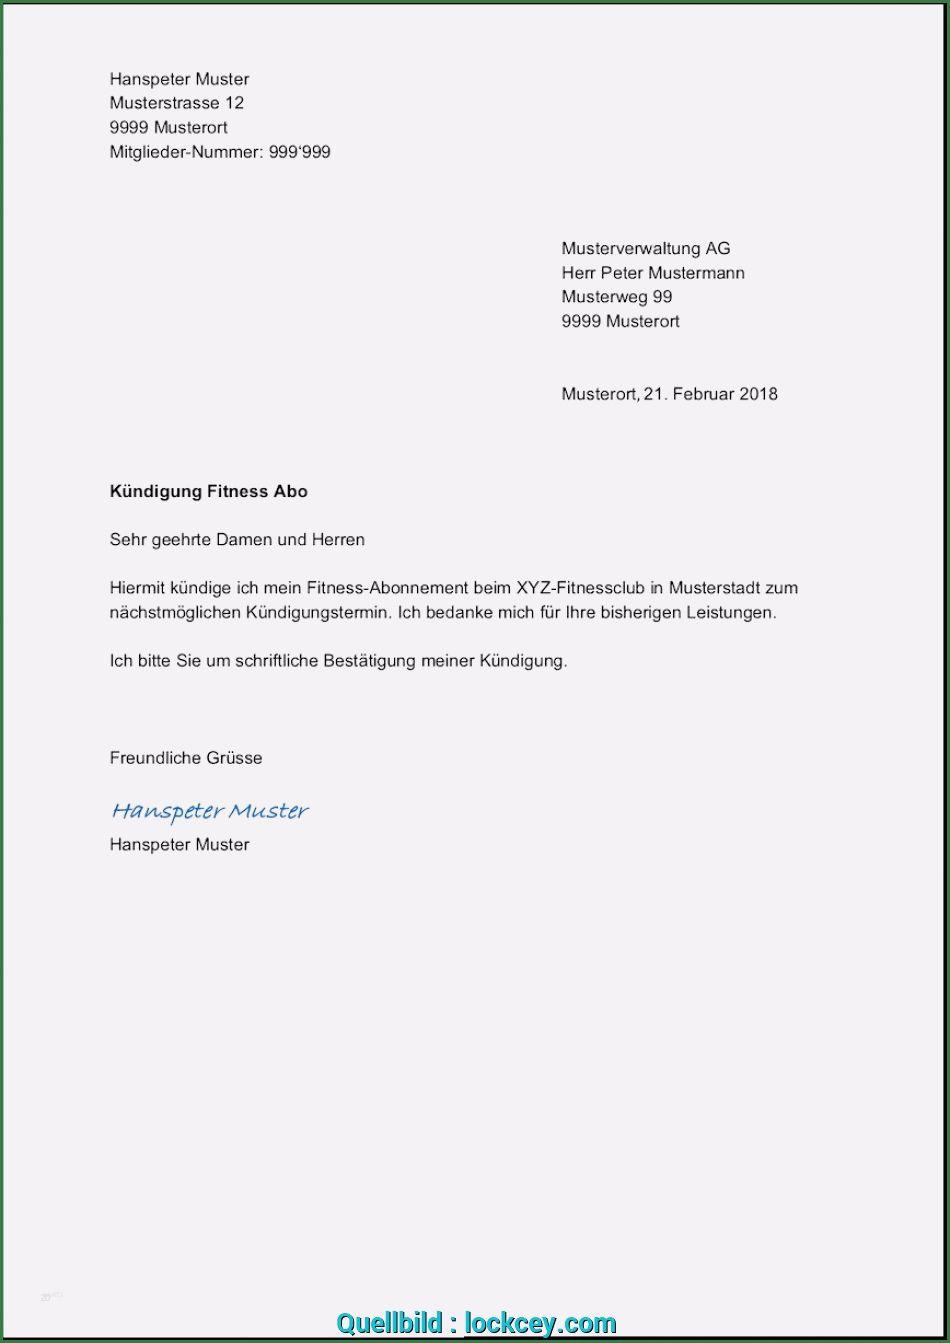 Hervorragend Vorlage Bestatigung Kundigung Mitgliedschaft Verein Fur 2020 In 2020 Vorlagen Word Vorlagen Kundigung